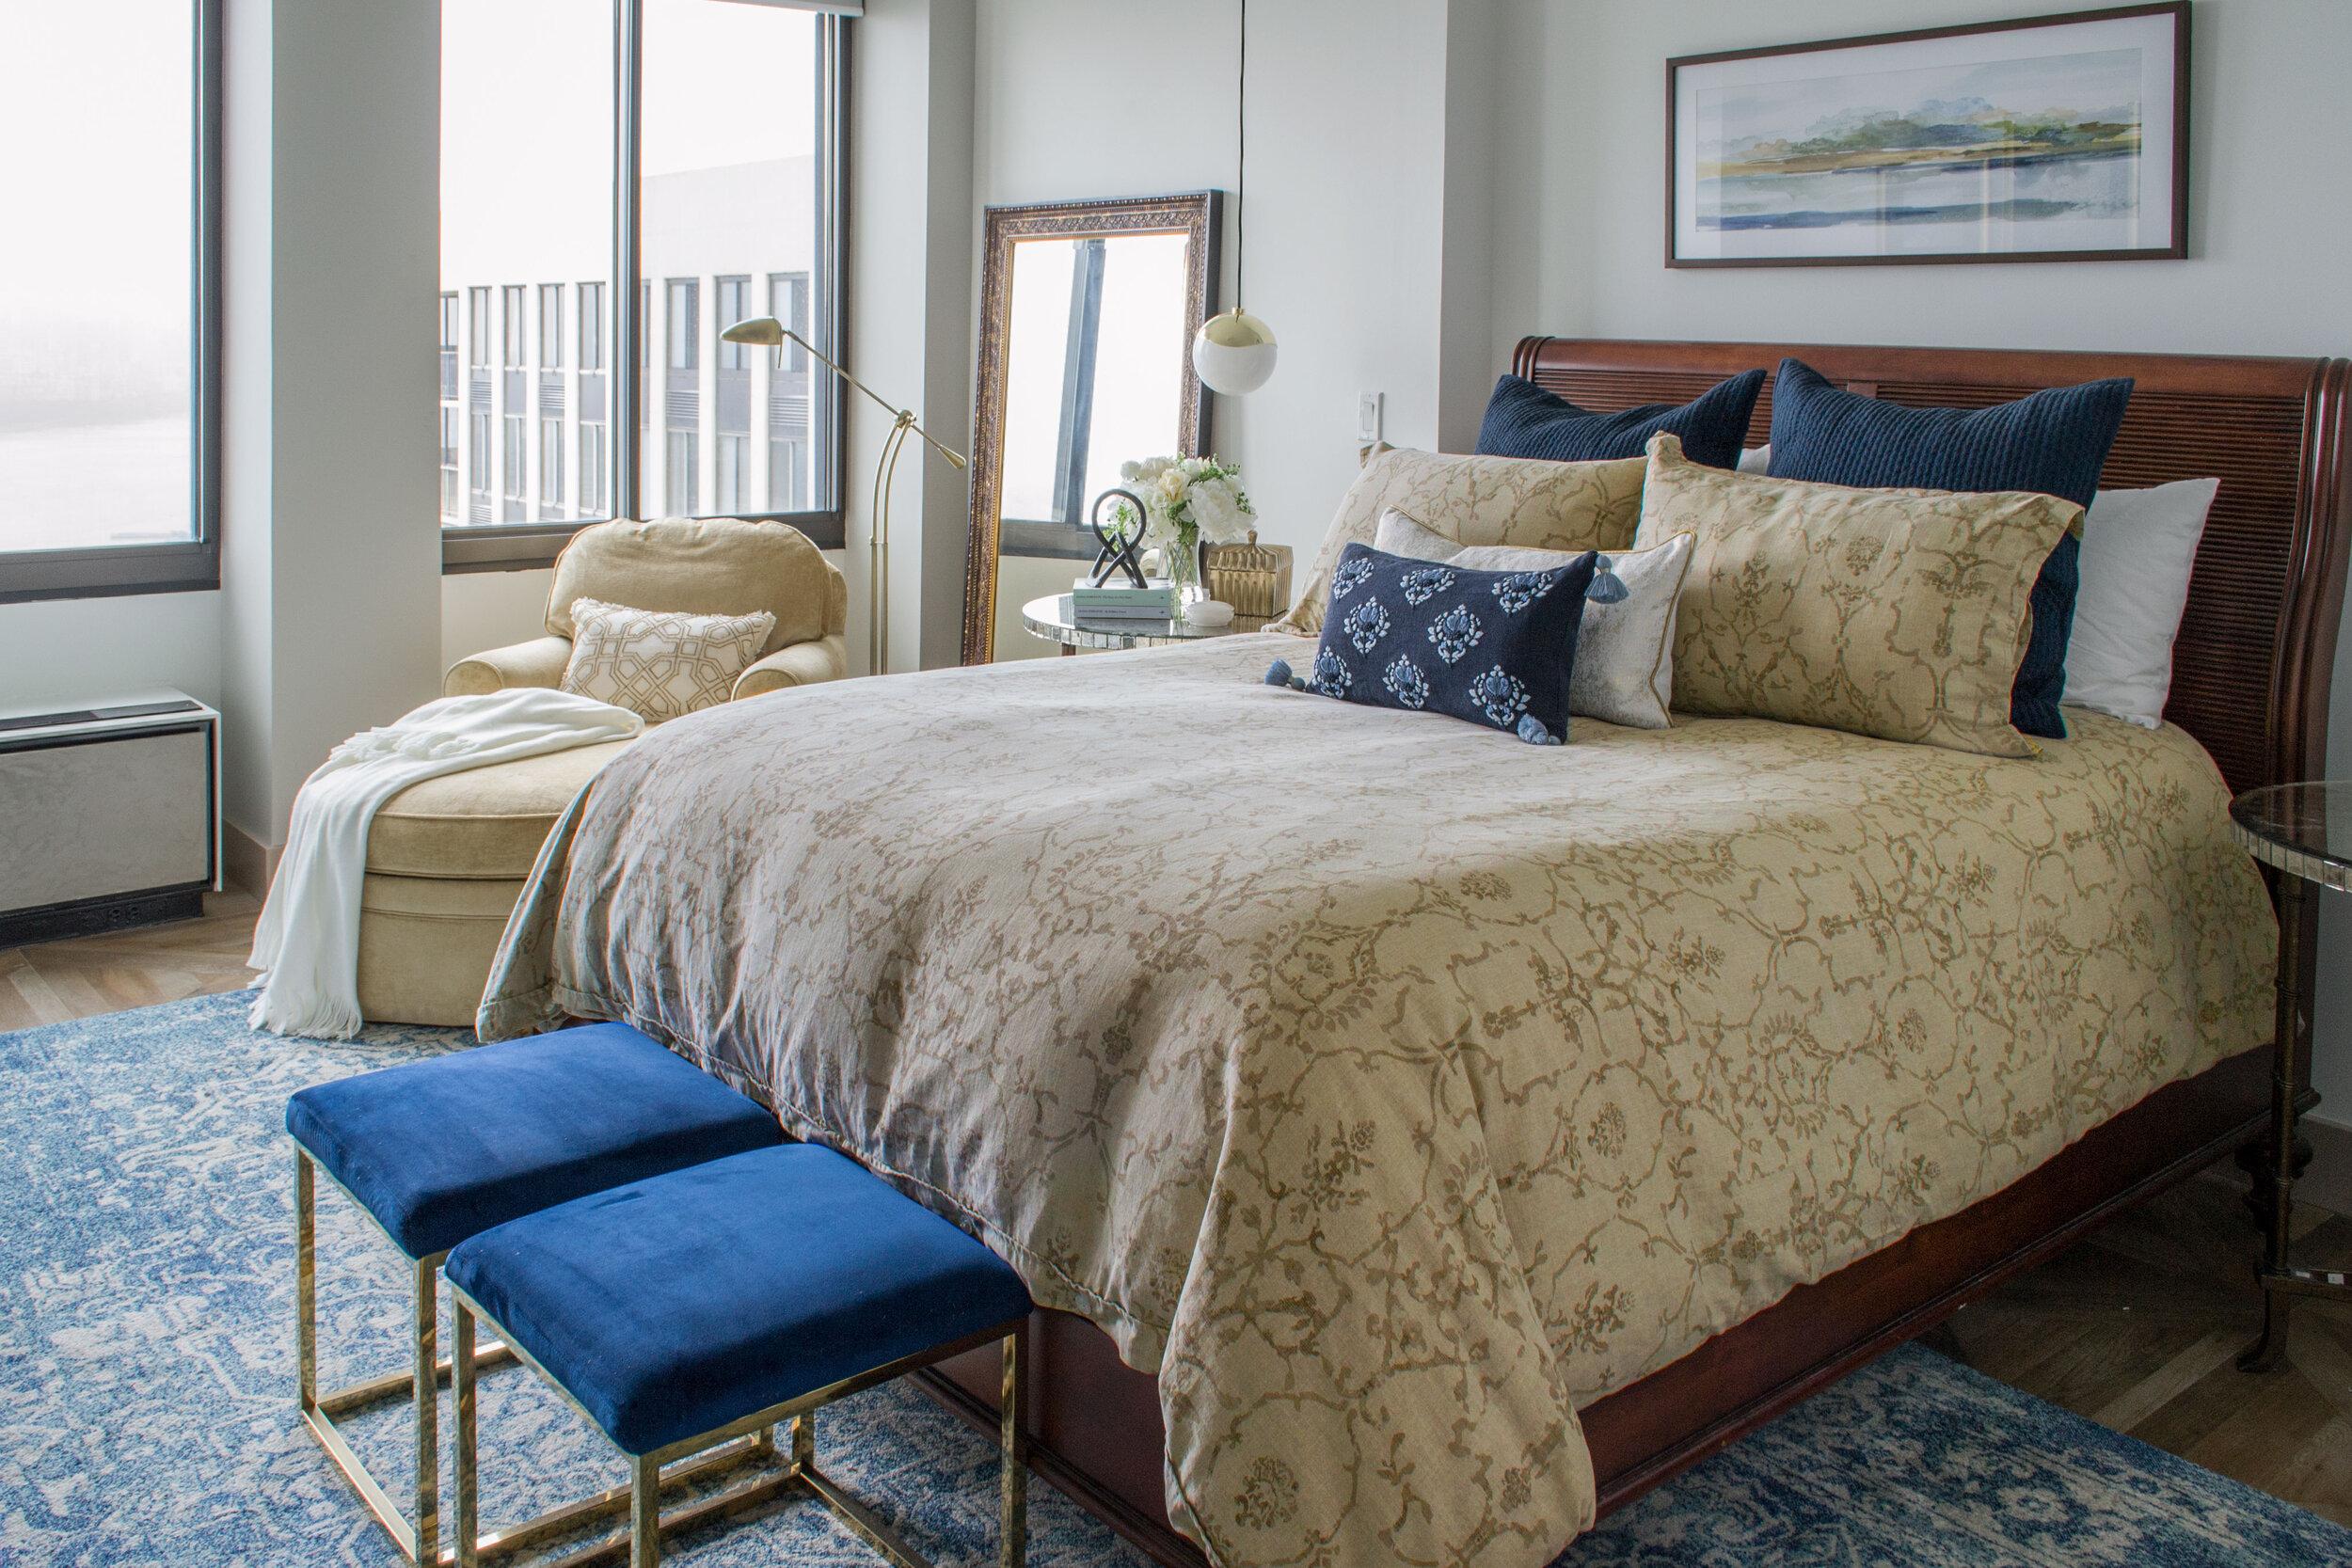 bedroom-navy-gold-tc-interiors-1.jpg